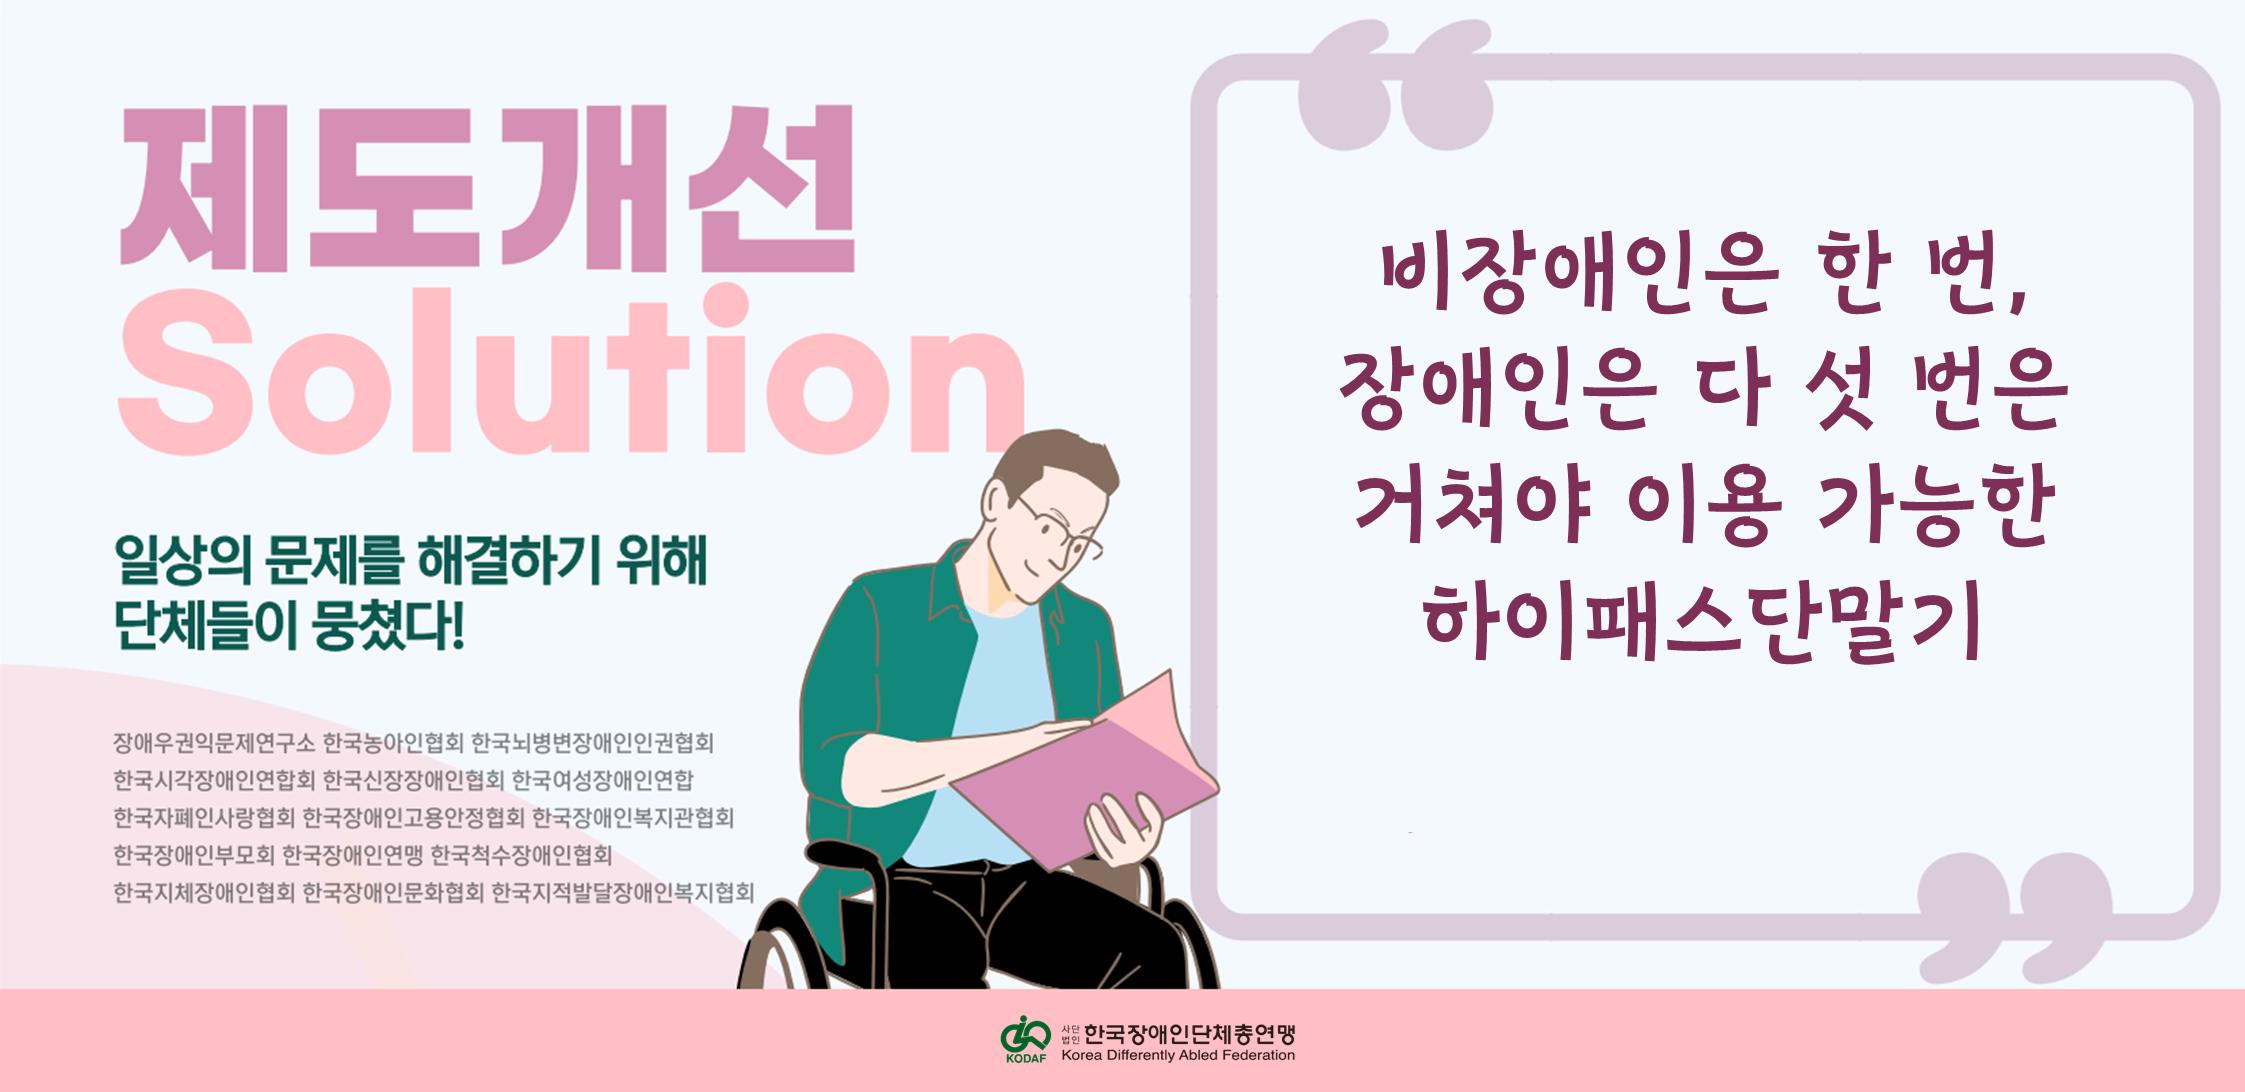 비장애인은 한 번, 장애인은 다섯 번은 거쳐야 이용 가능한 하이패스단말기